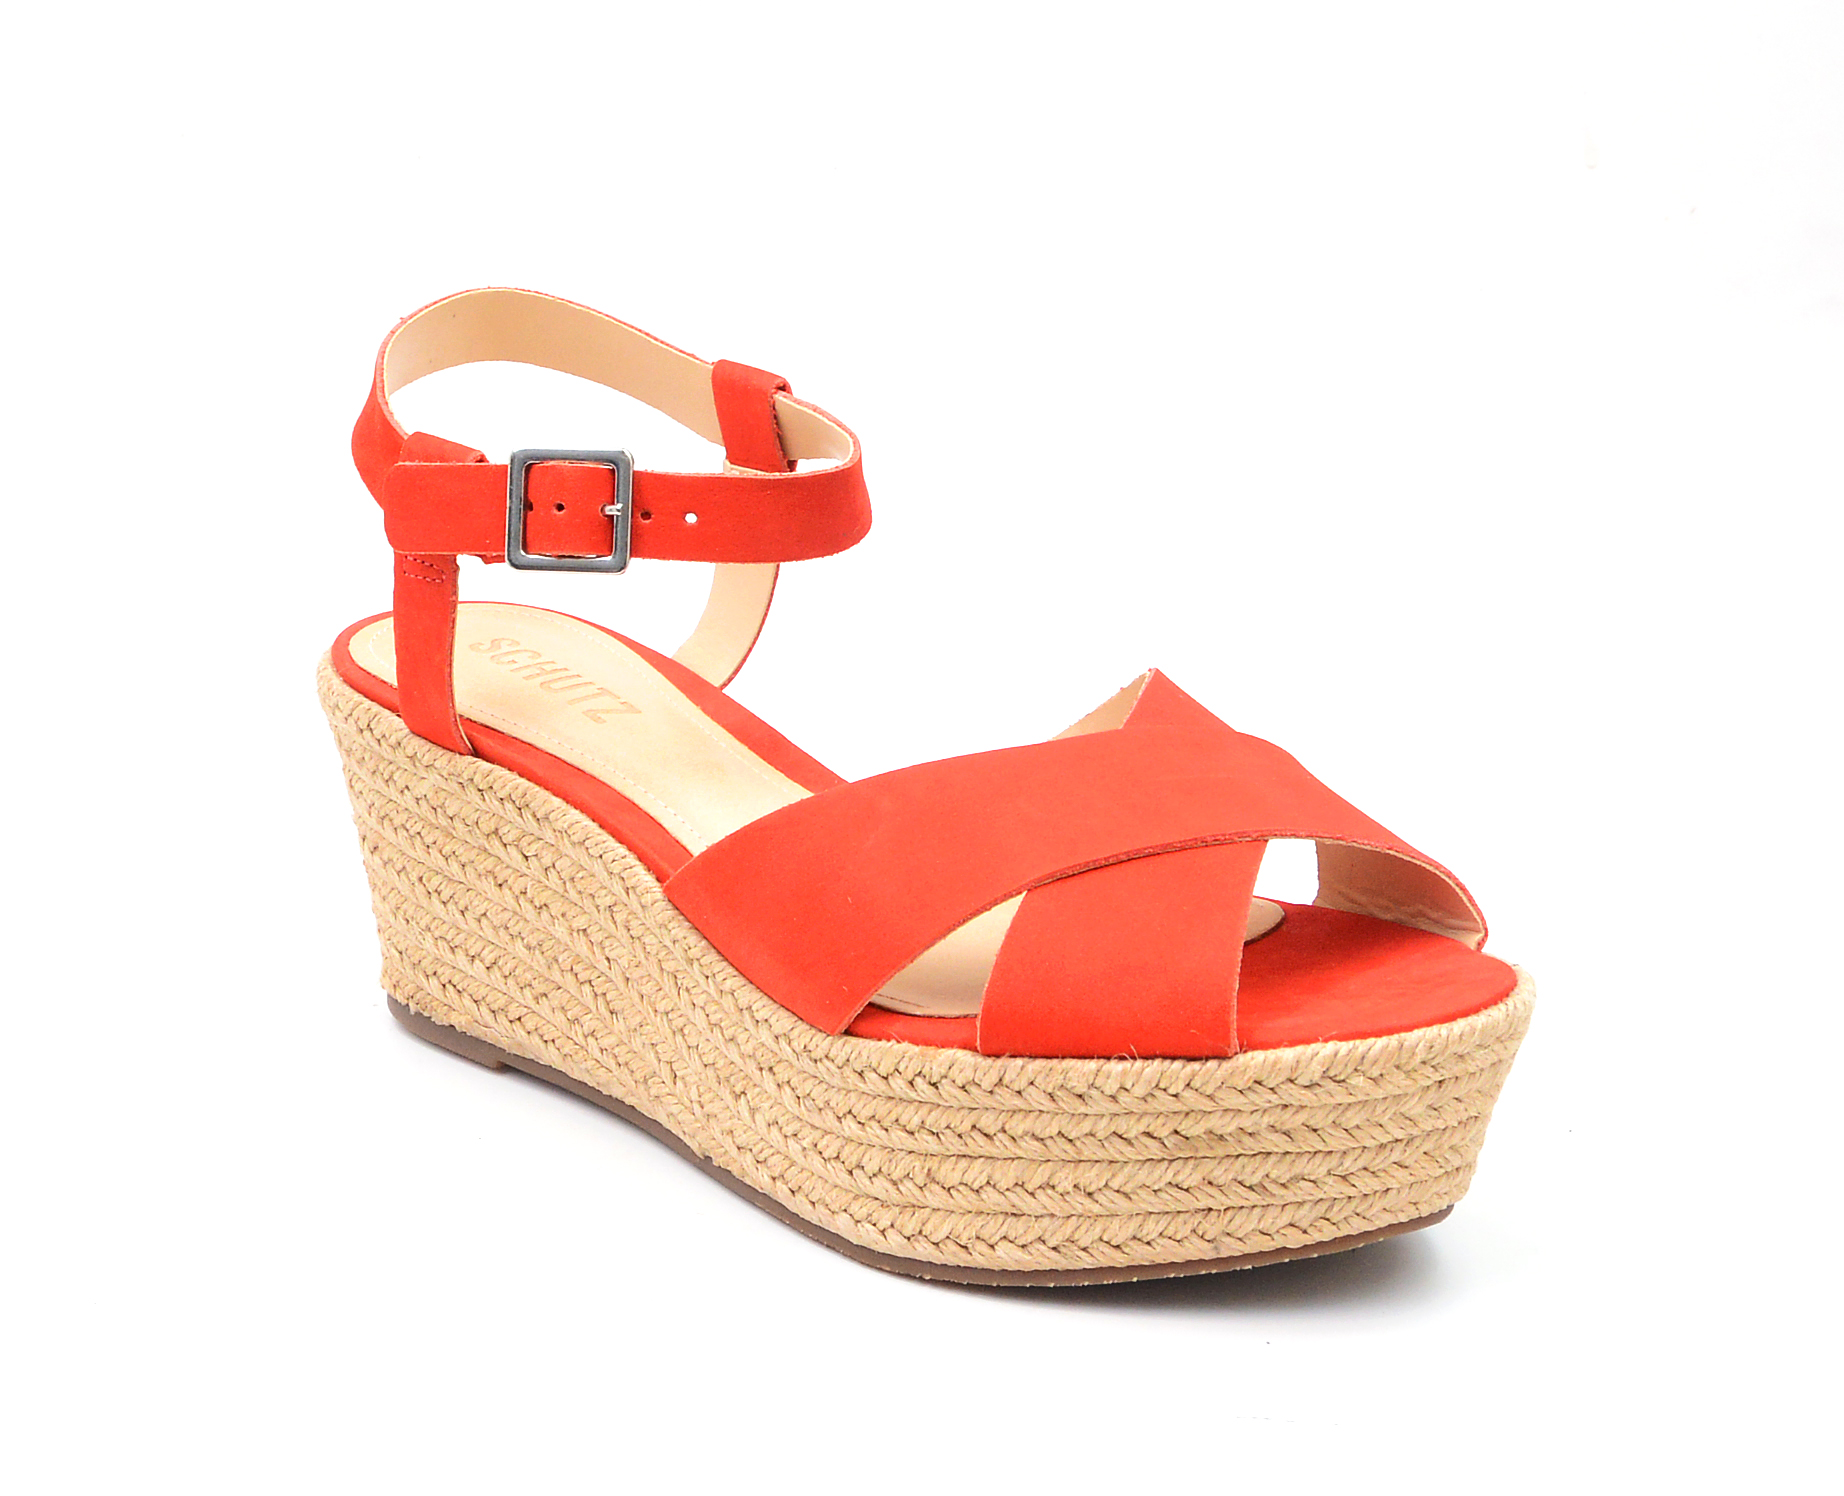 64039133e82 Details about Schutz Devinelli Nice Orange Strappy Open Toe Espadrille  Heeled Platform Sandals